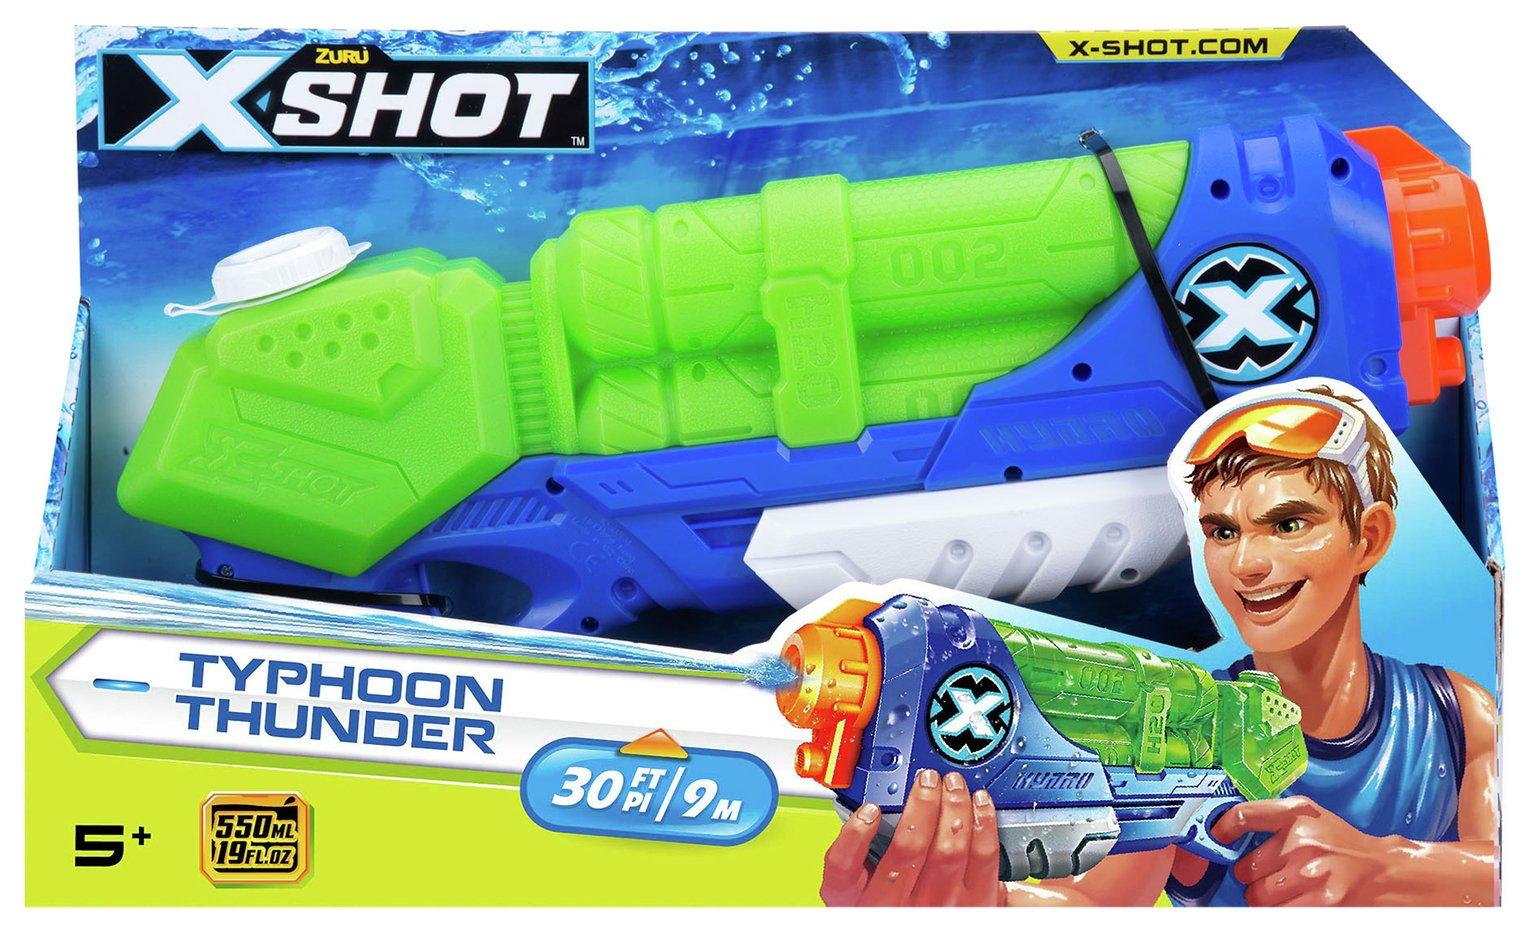 Zuru X-Shot Typhoon Blaster Water Gun